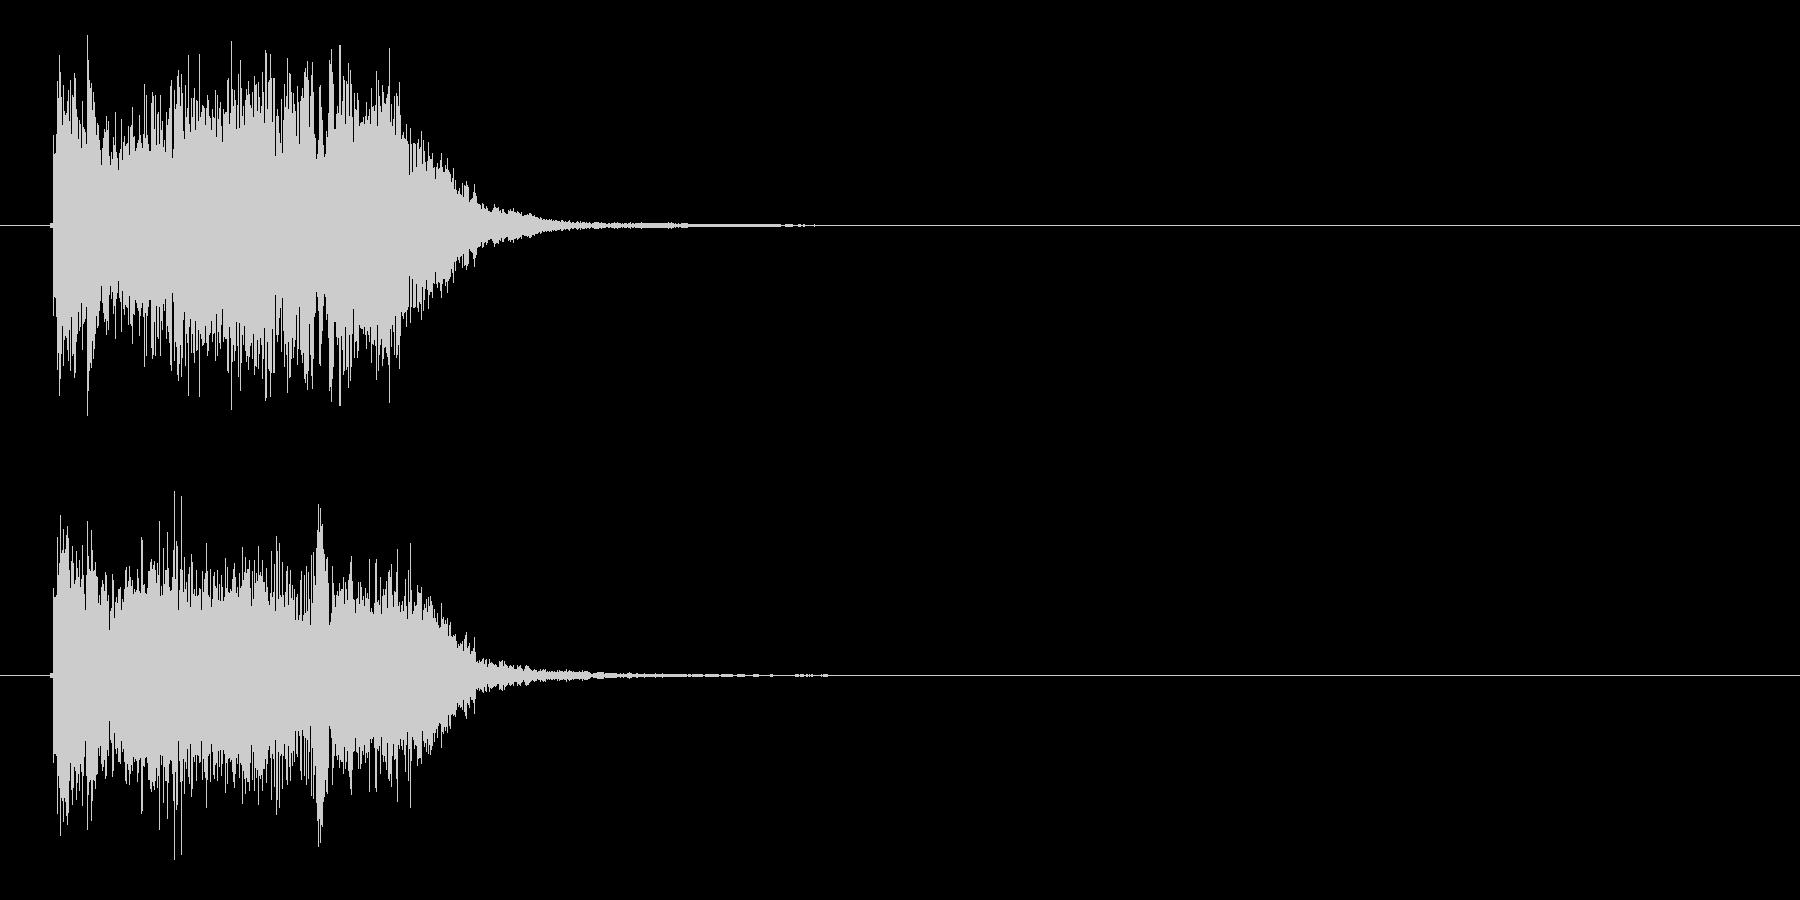 一発ものの効果音的な音楽の未再生の波形